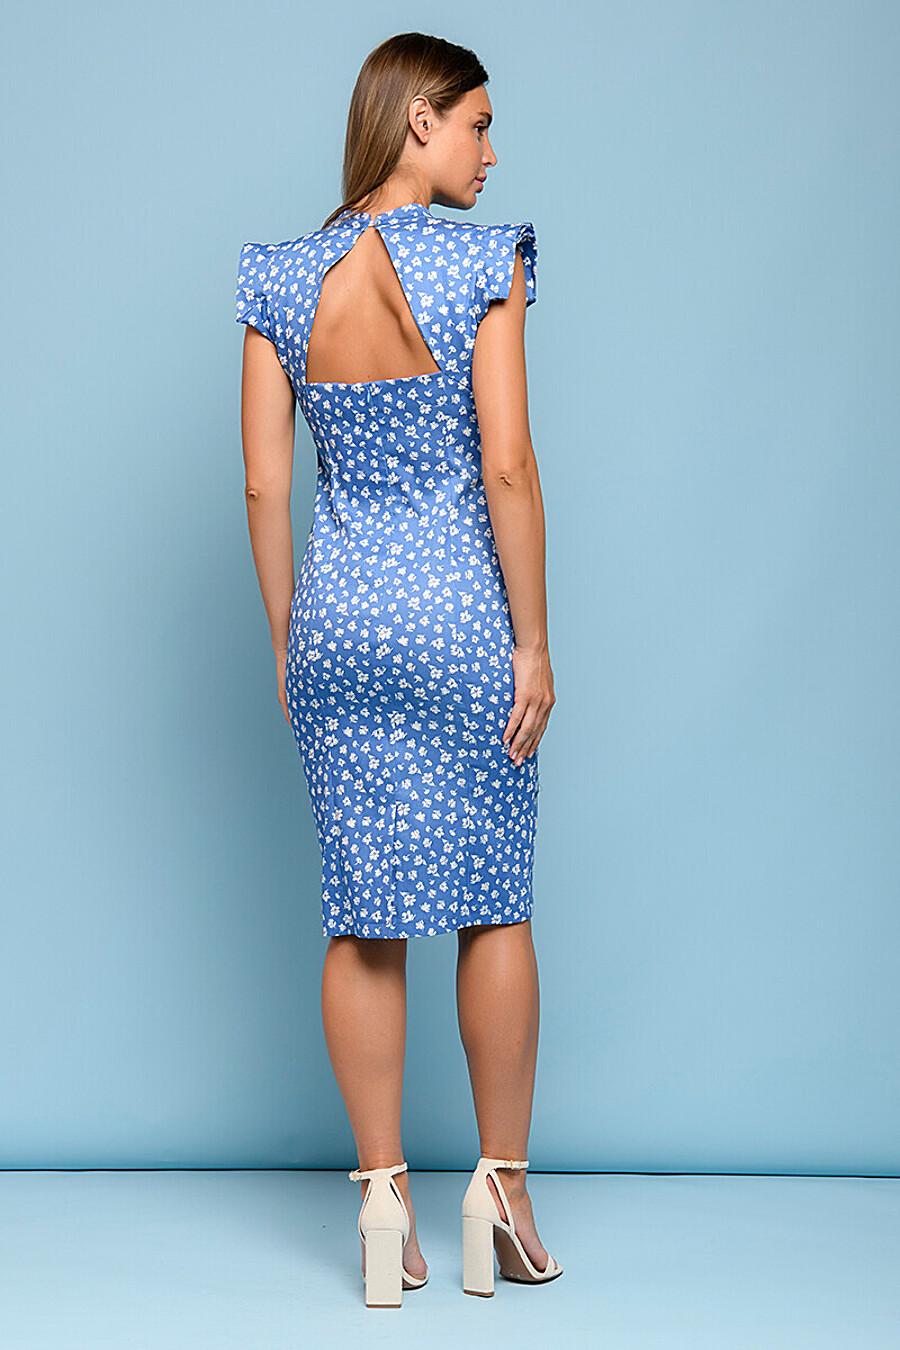 Платье для женщин 1001 DRESS 682114 купить оптом от производителя. Совместная покупка женской одежды в OptMoyo